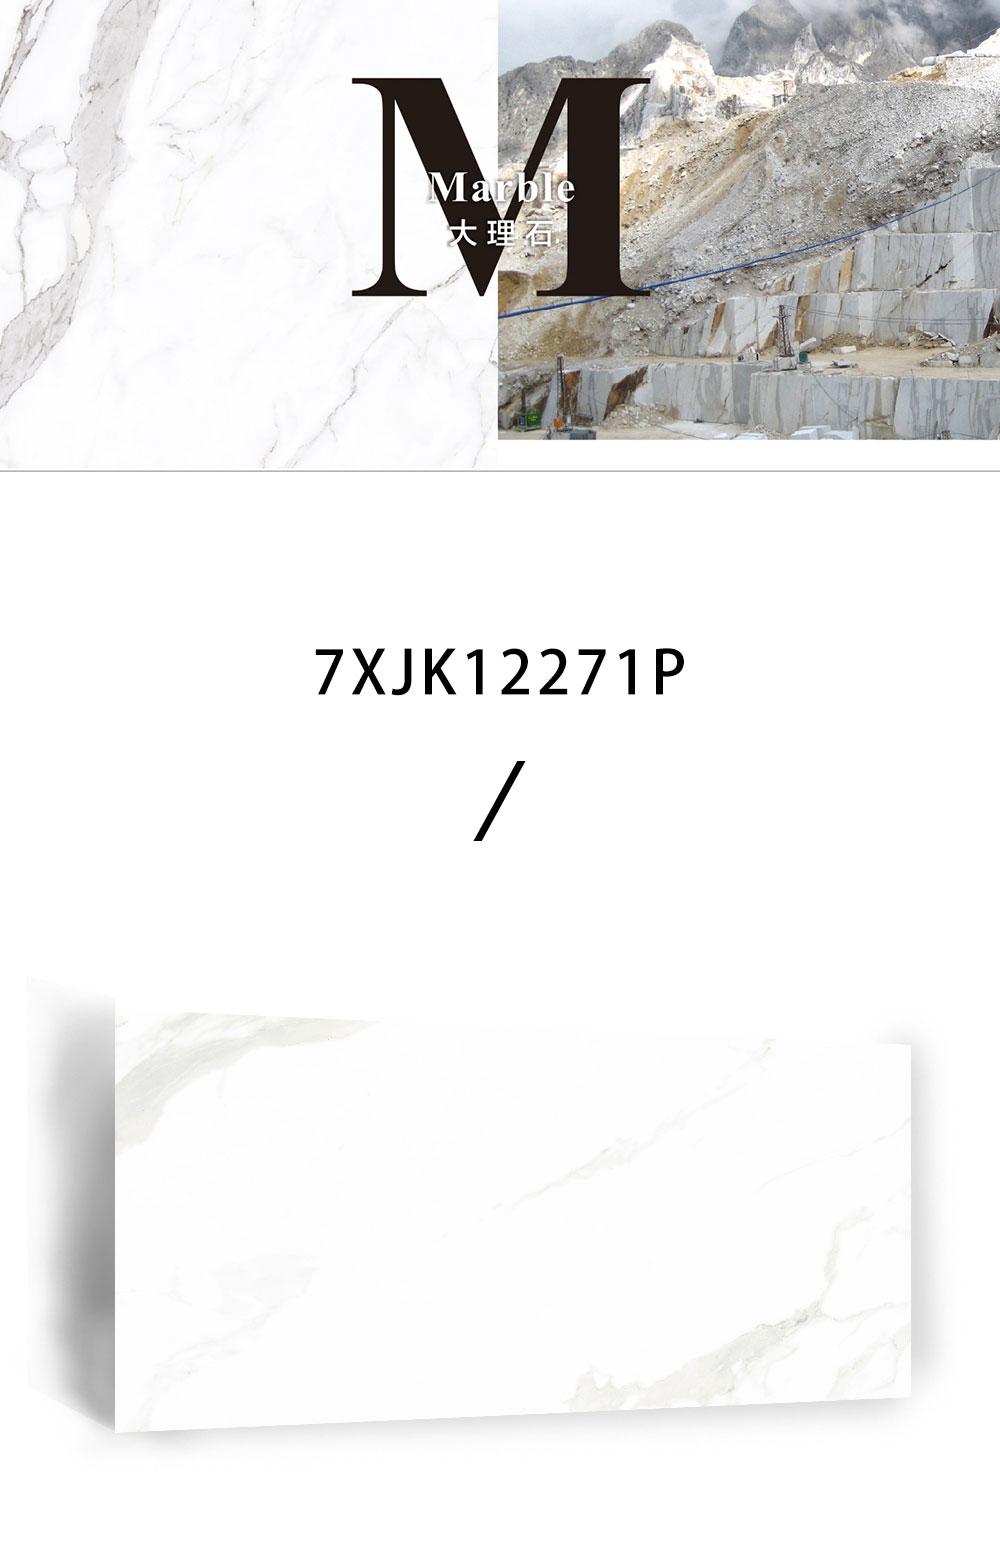 7XJK12271P_02.jpg